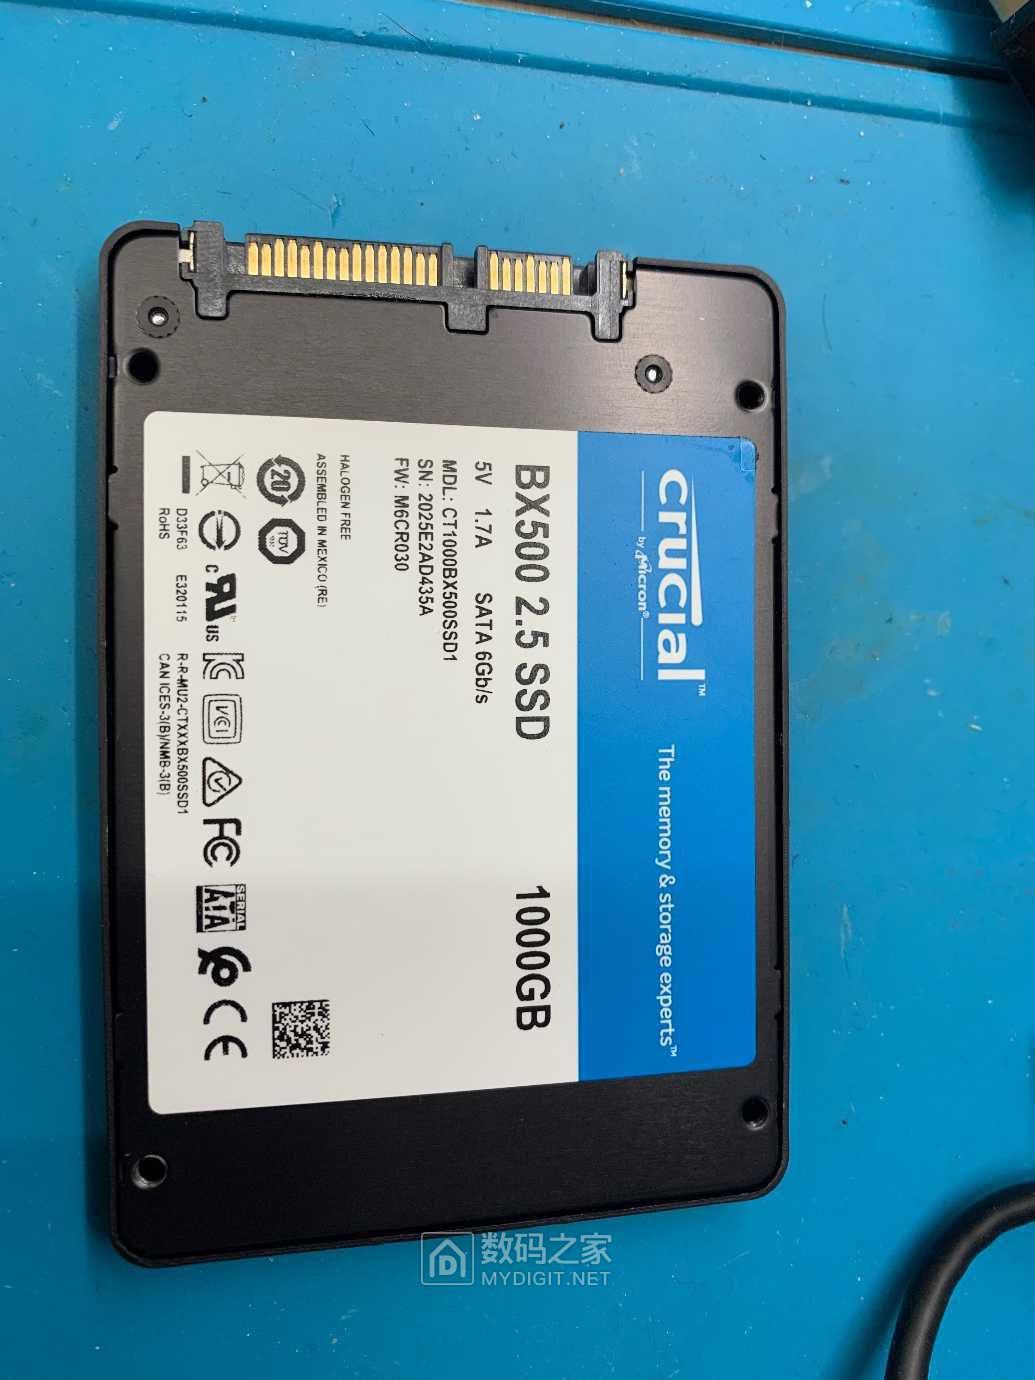 C8AD2DAC-4B24-4958-8718-3CD27F79EF35.jpeg